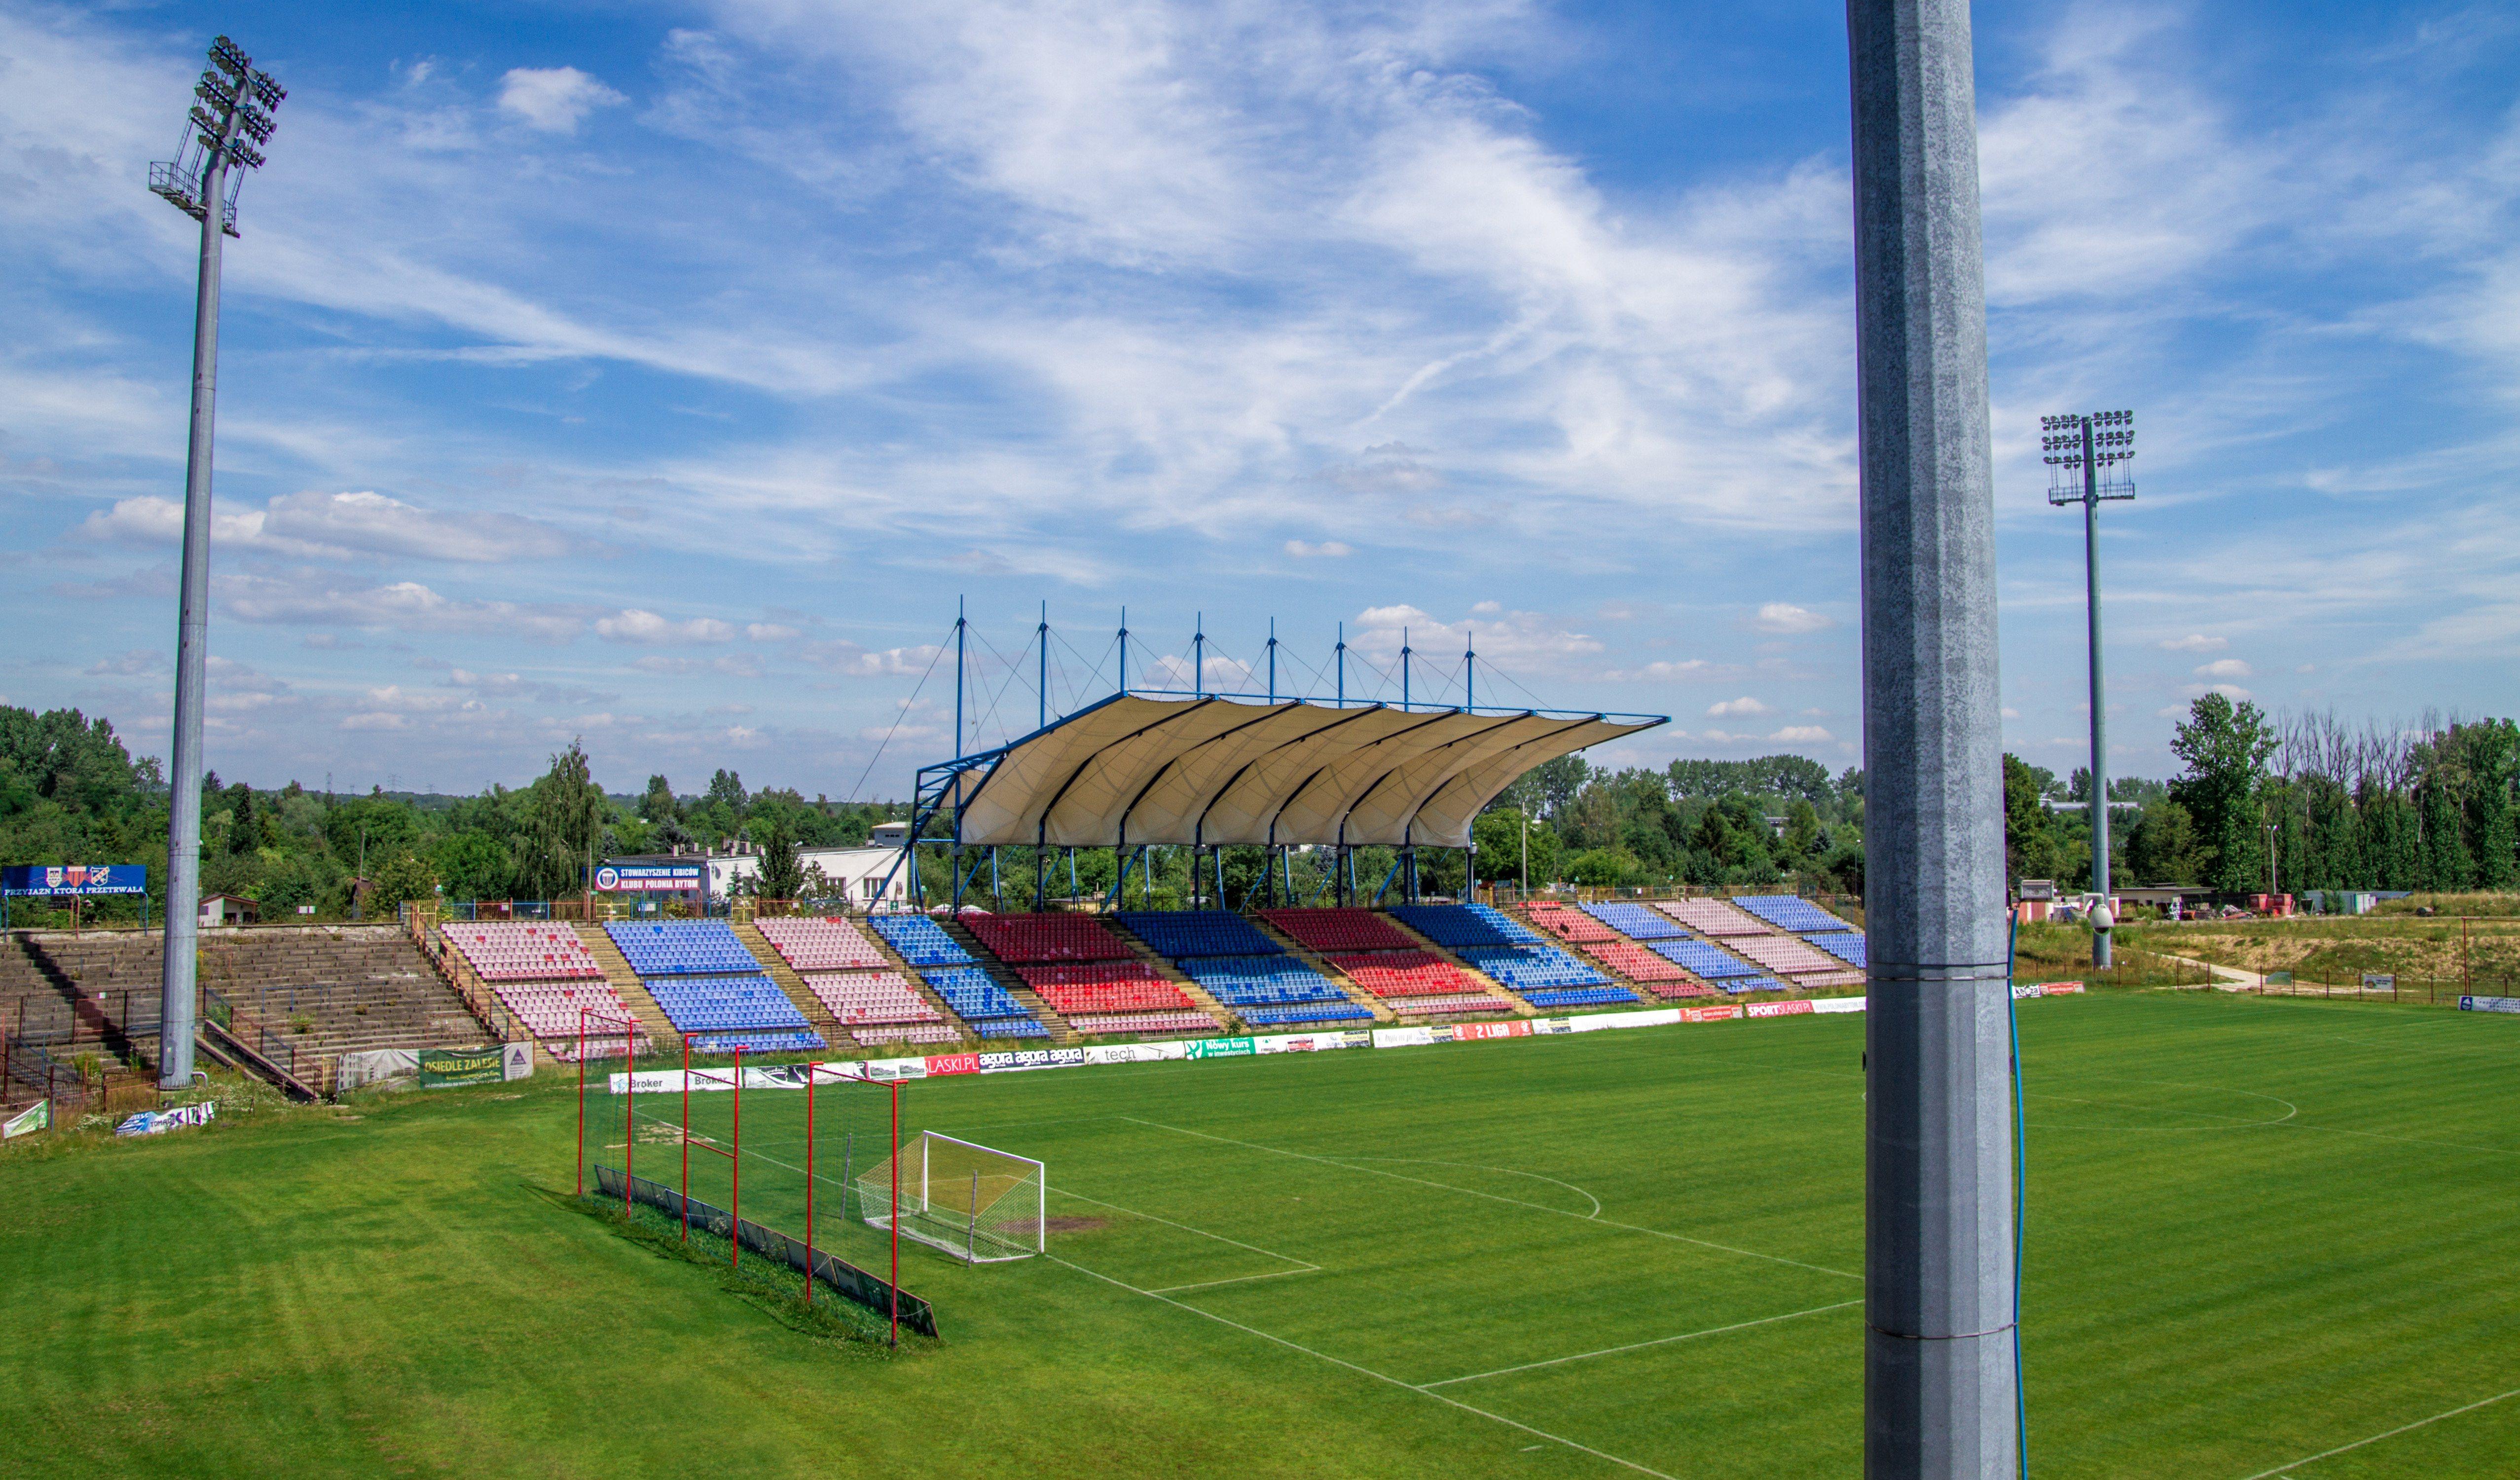 Fotos gratis : césped, estructura, vacío, estadio, campo de béisbol, arena, equipo, Deportes ...